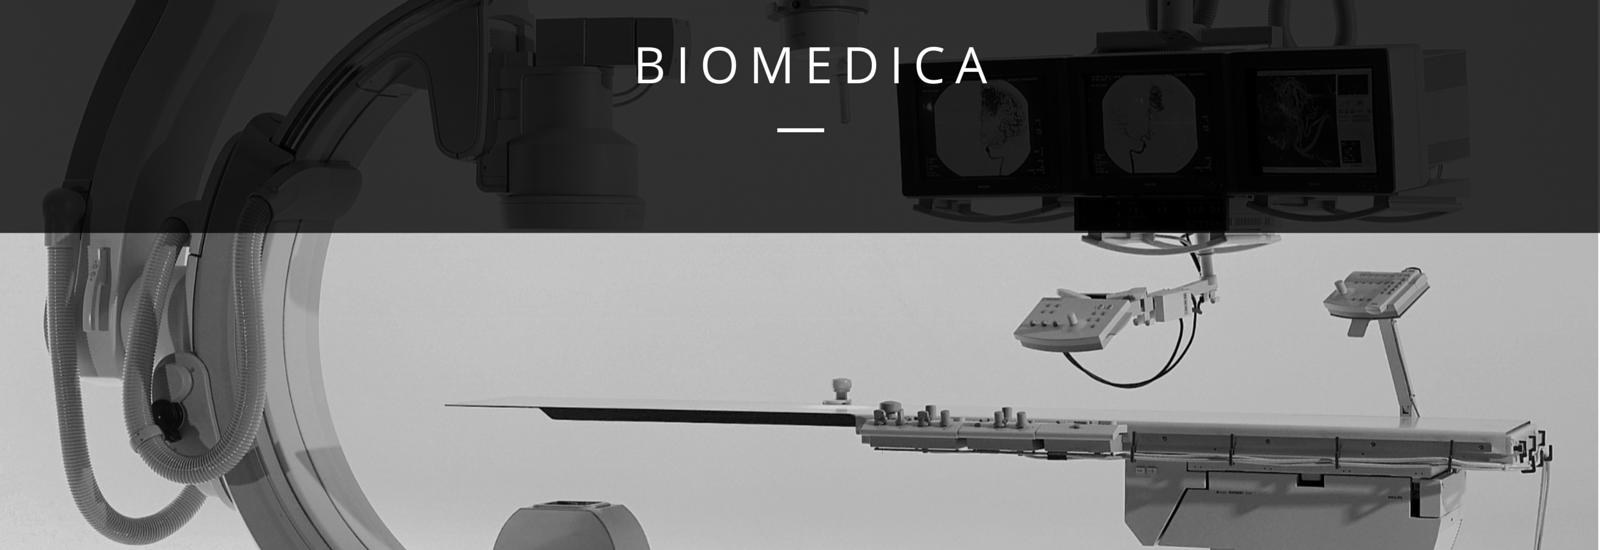 venta-renta-arrendamiento-servicio-mantenimiento-rayos-x-arcos-detectores-de-metales-explosivos-body-scanner-fluorescencia-eventos-linea-inspeccion-biomedica